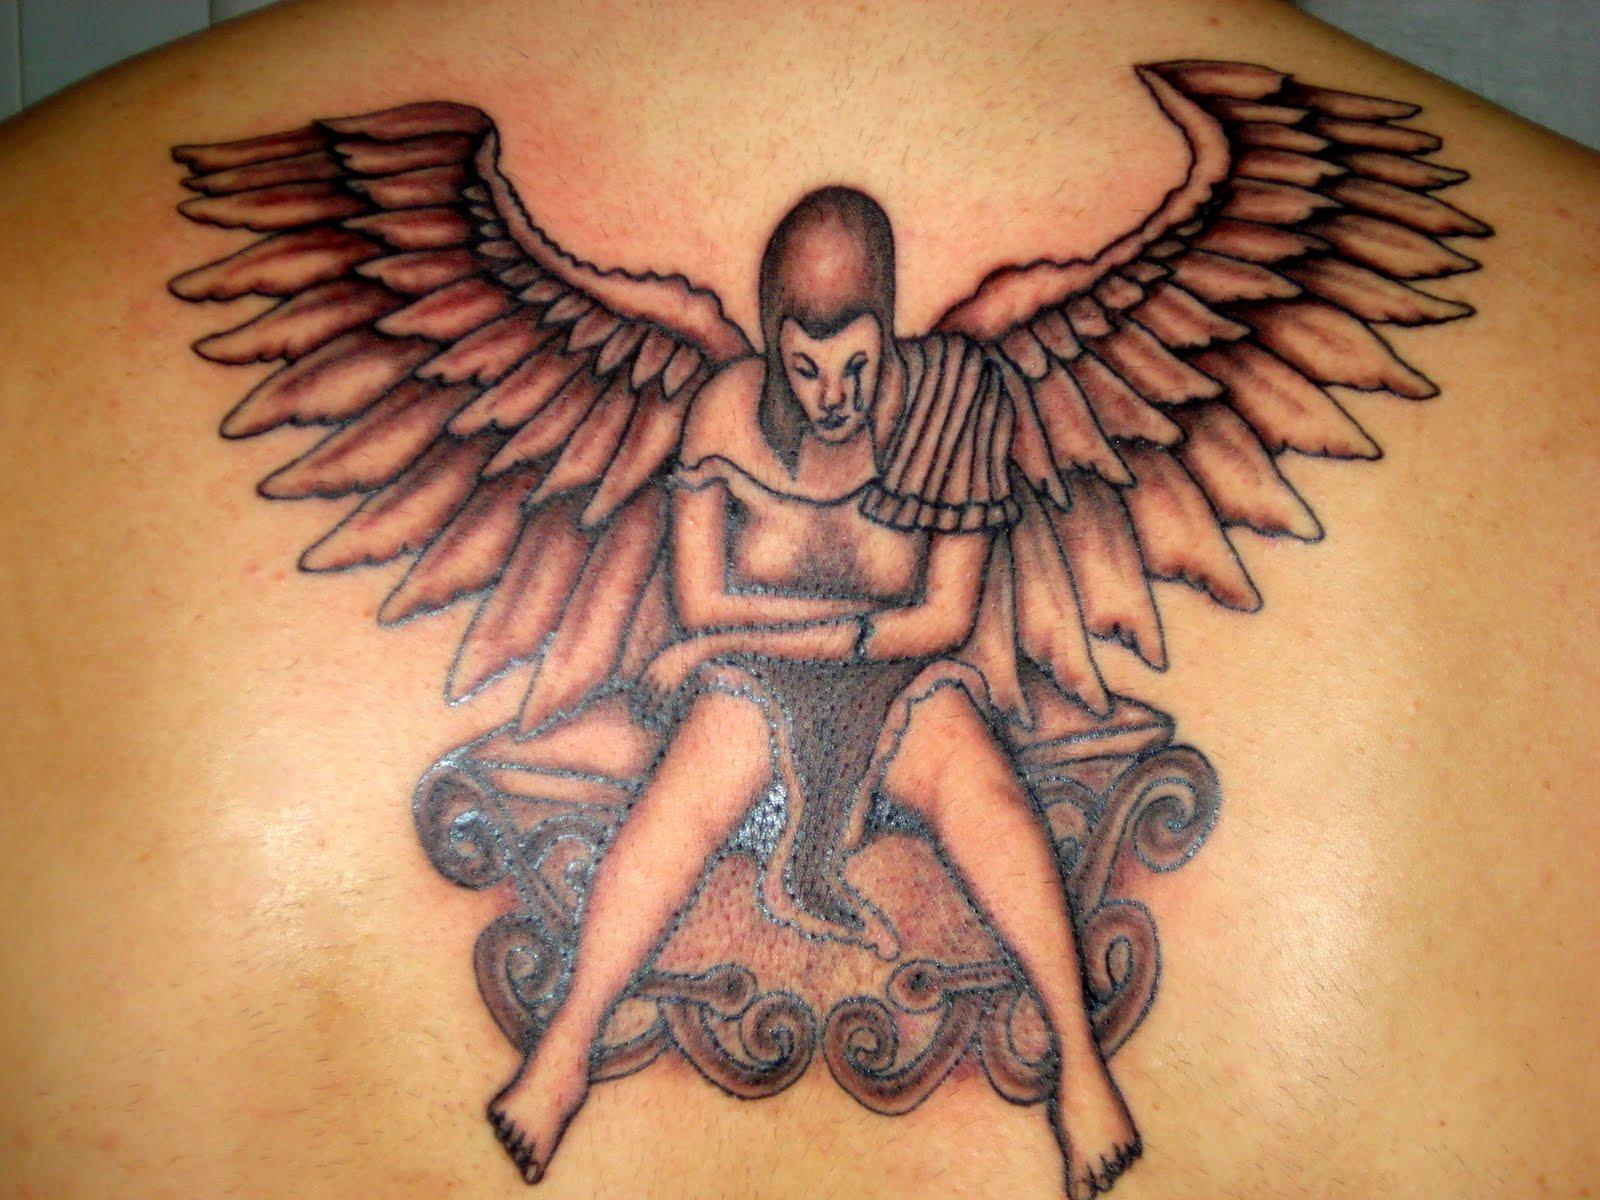 Tatuajes, tatuadores y amantes de los tatuajes - ZonaTattoos